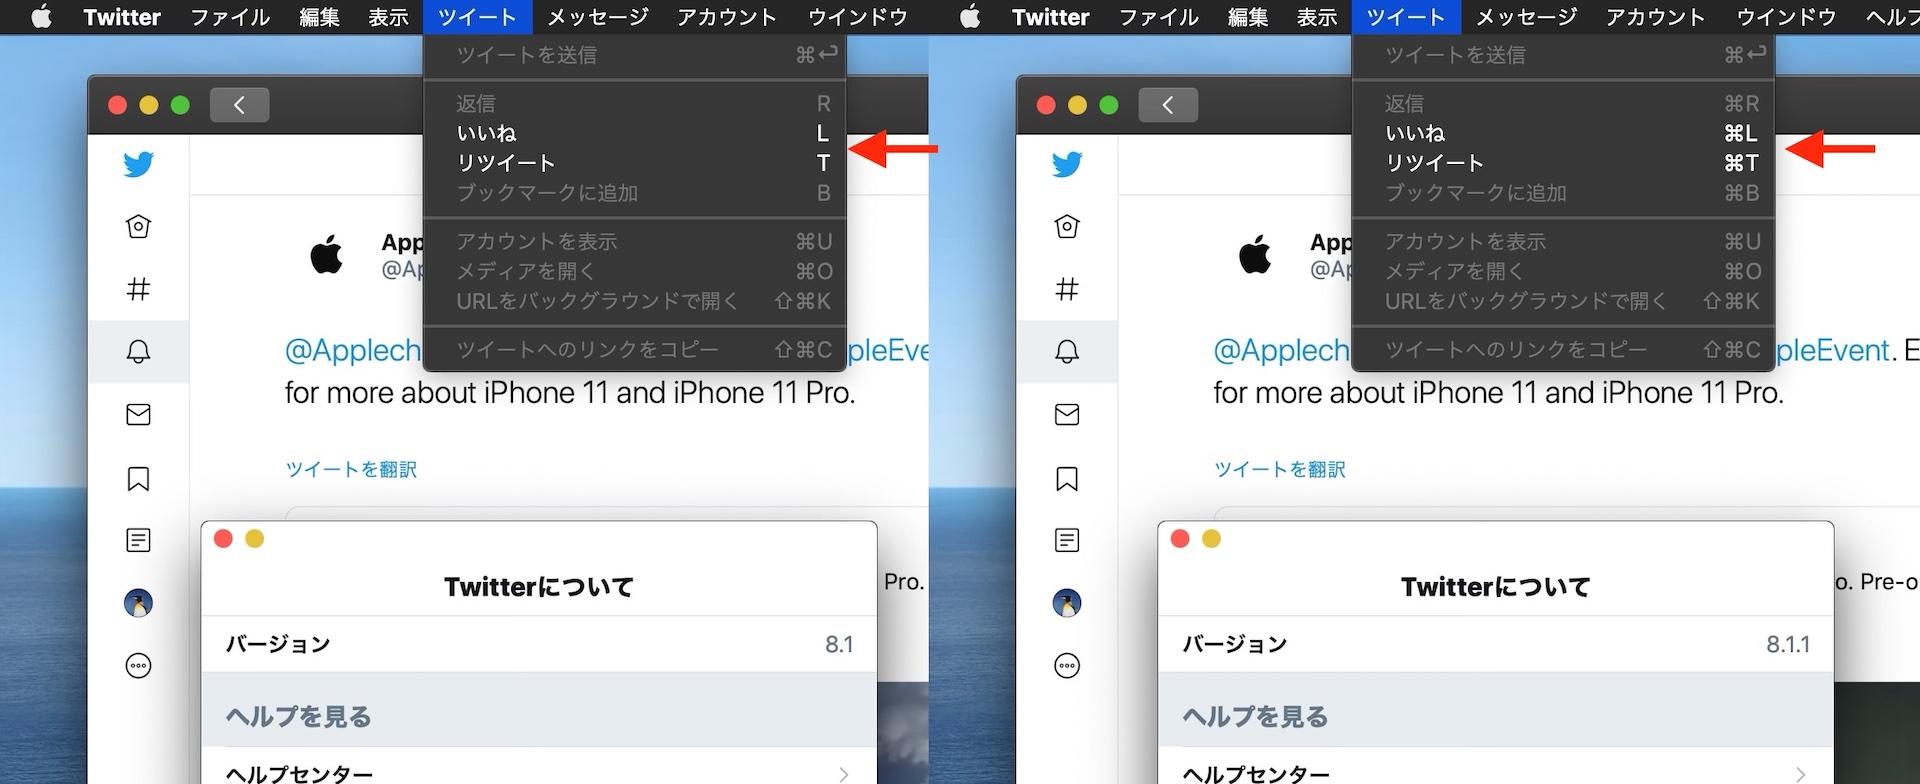 Twitter for Mac v8.1のショートカットキー